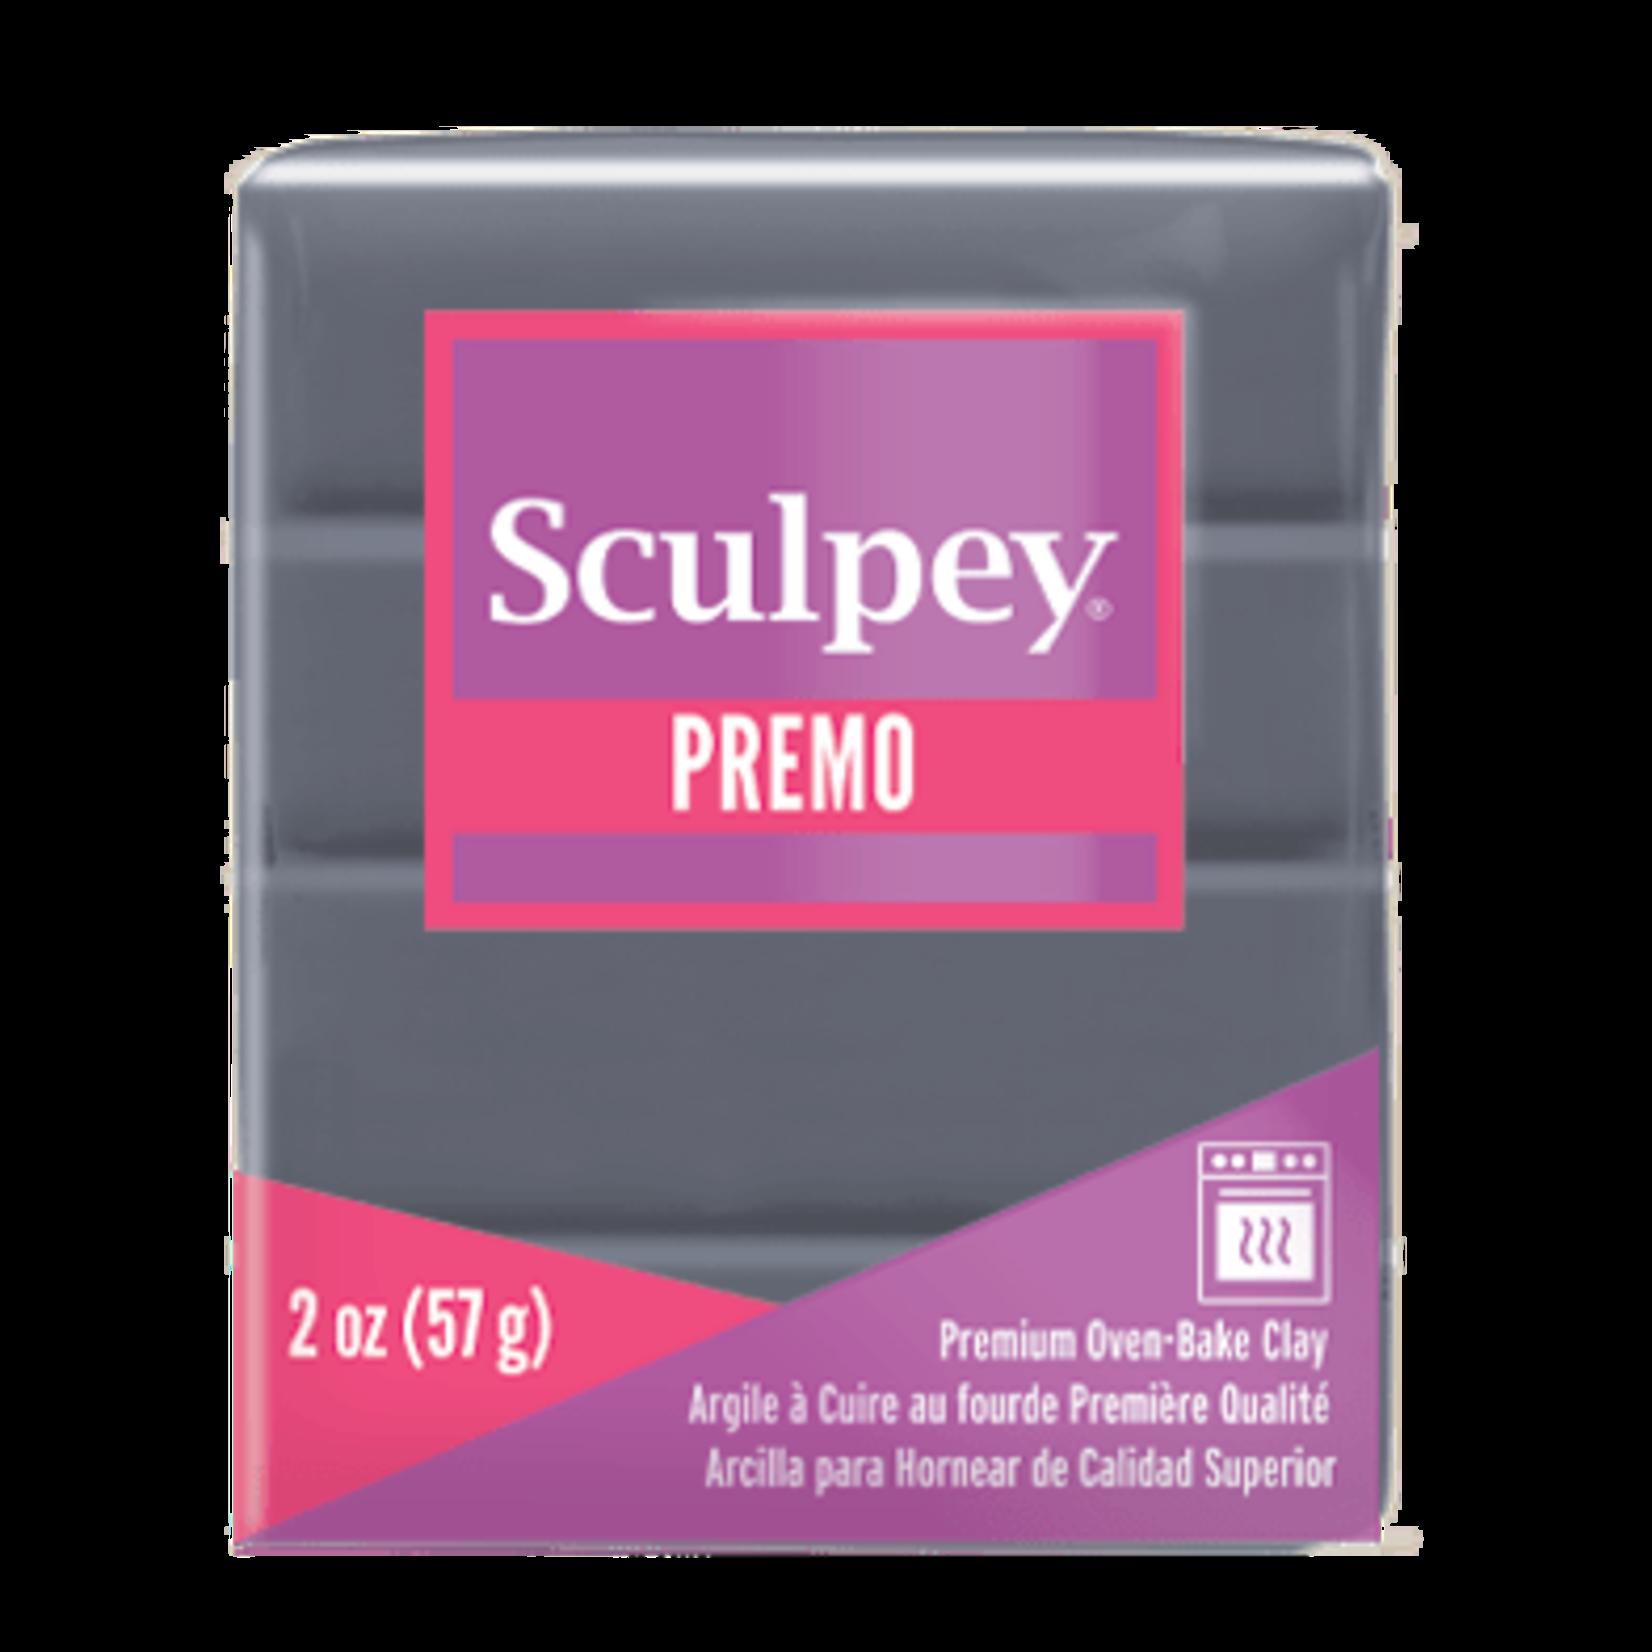 Sculpey Sculpey Premo  -- Slate Gray